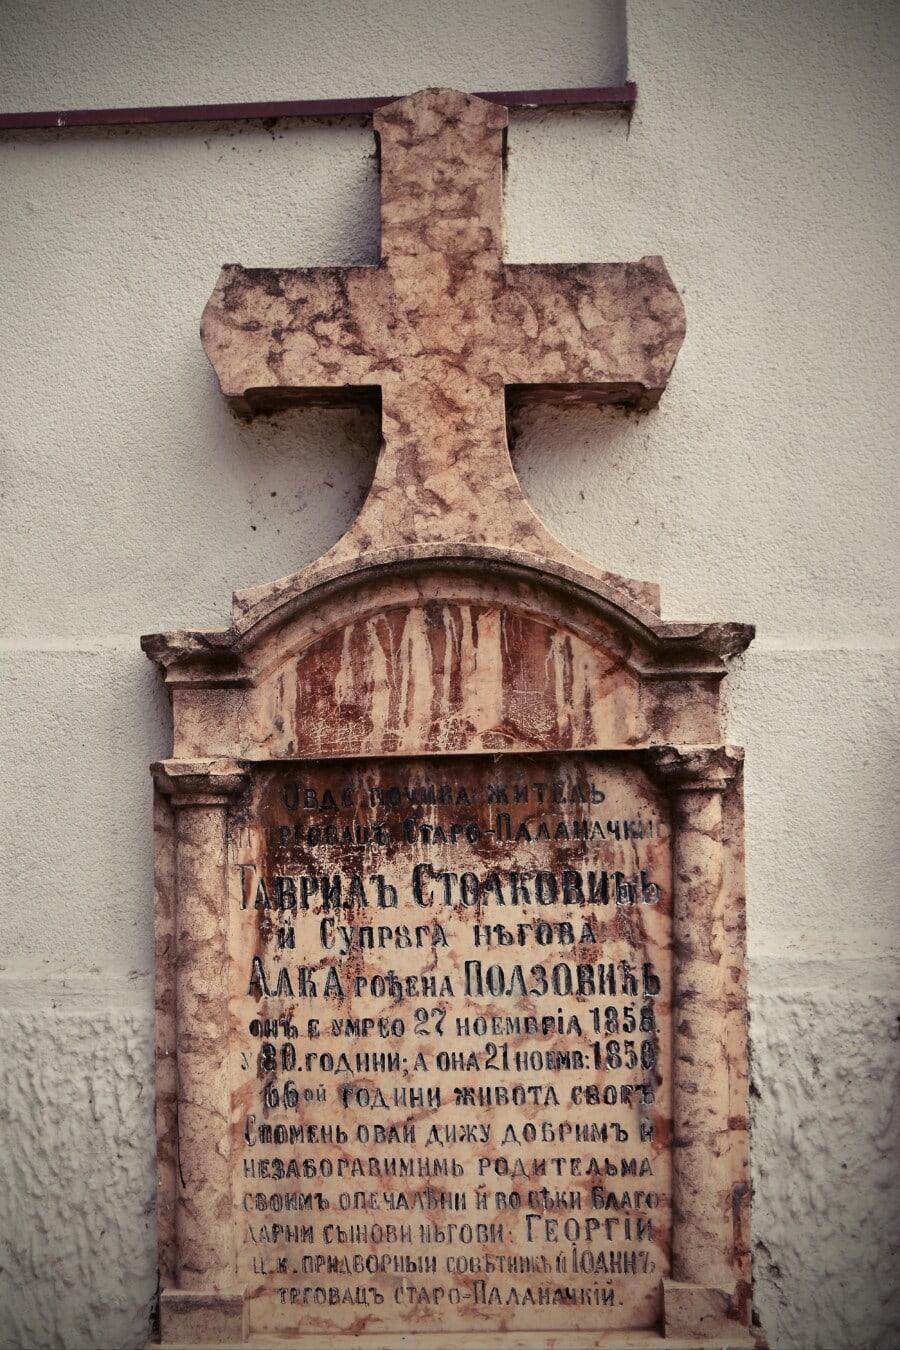 무덤, 묘비, 삭제 표시, 묘지, 슬픔, 크로스, 슬픔, 죽음, 구조, 오래 된